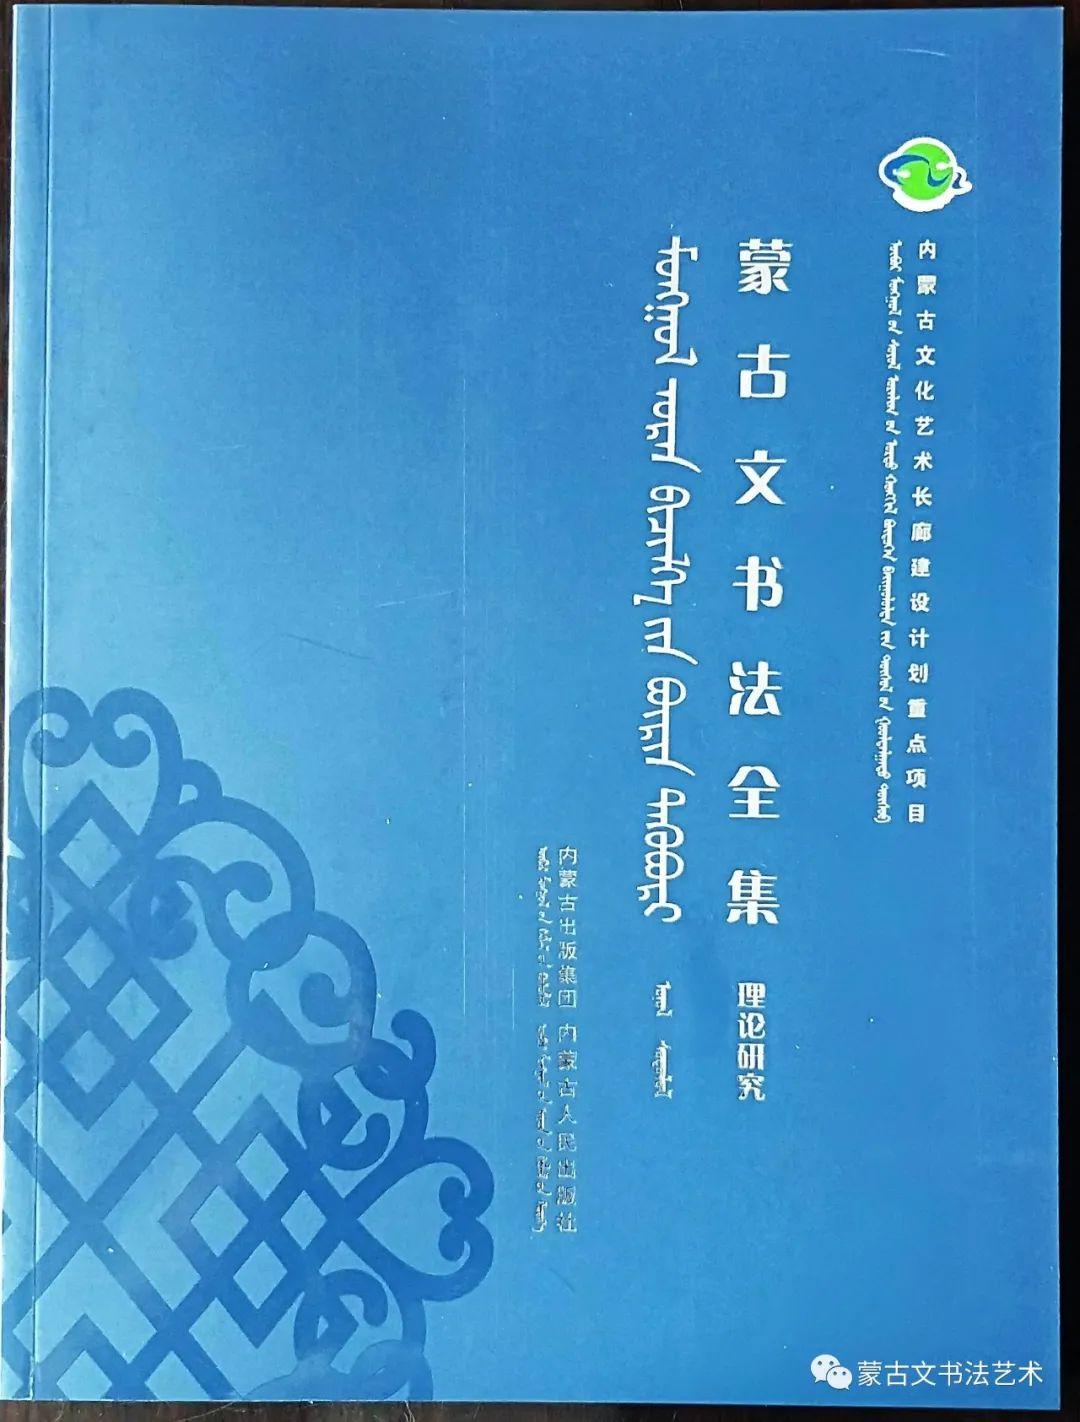 蒙古文书法全集 第36张 蒙古文书法全集 蒙古书法